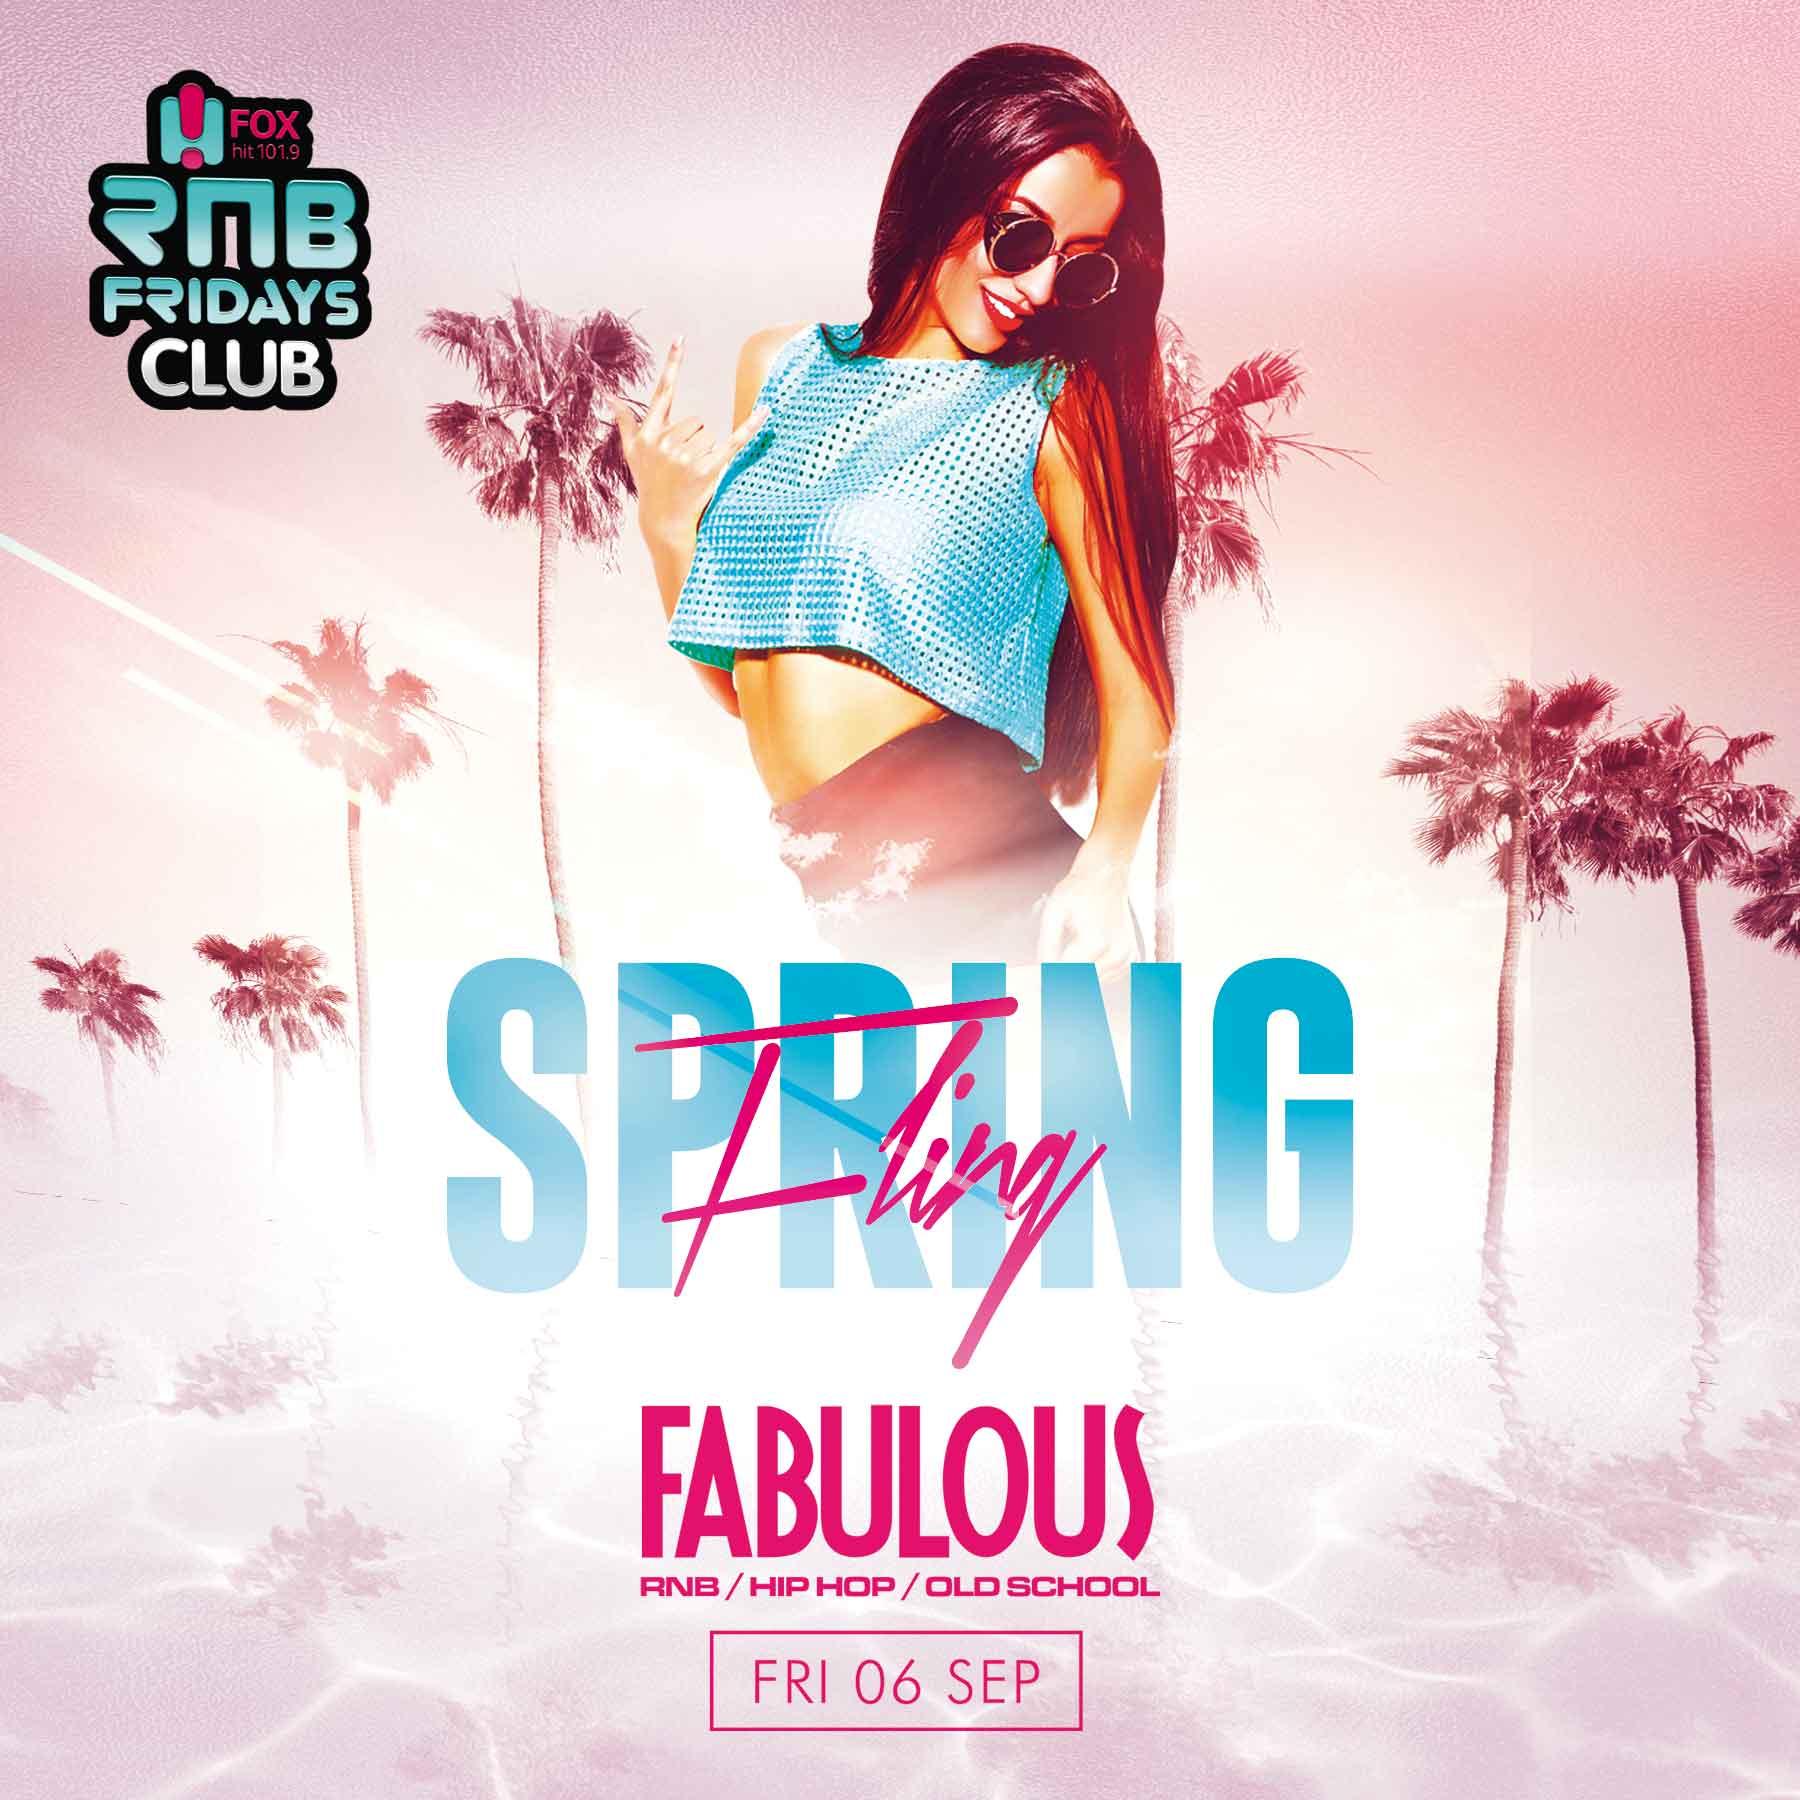 190906_Fabulous_spring-fling_1800x1800.jpg